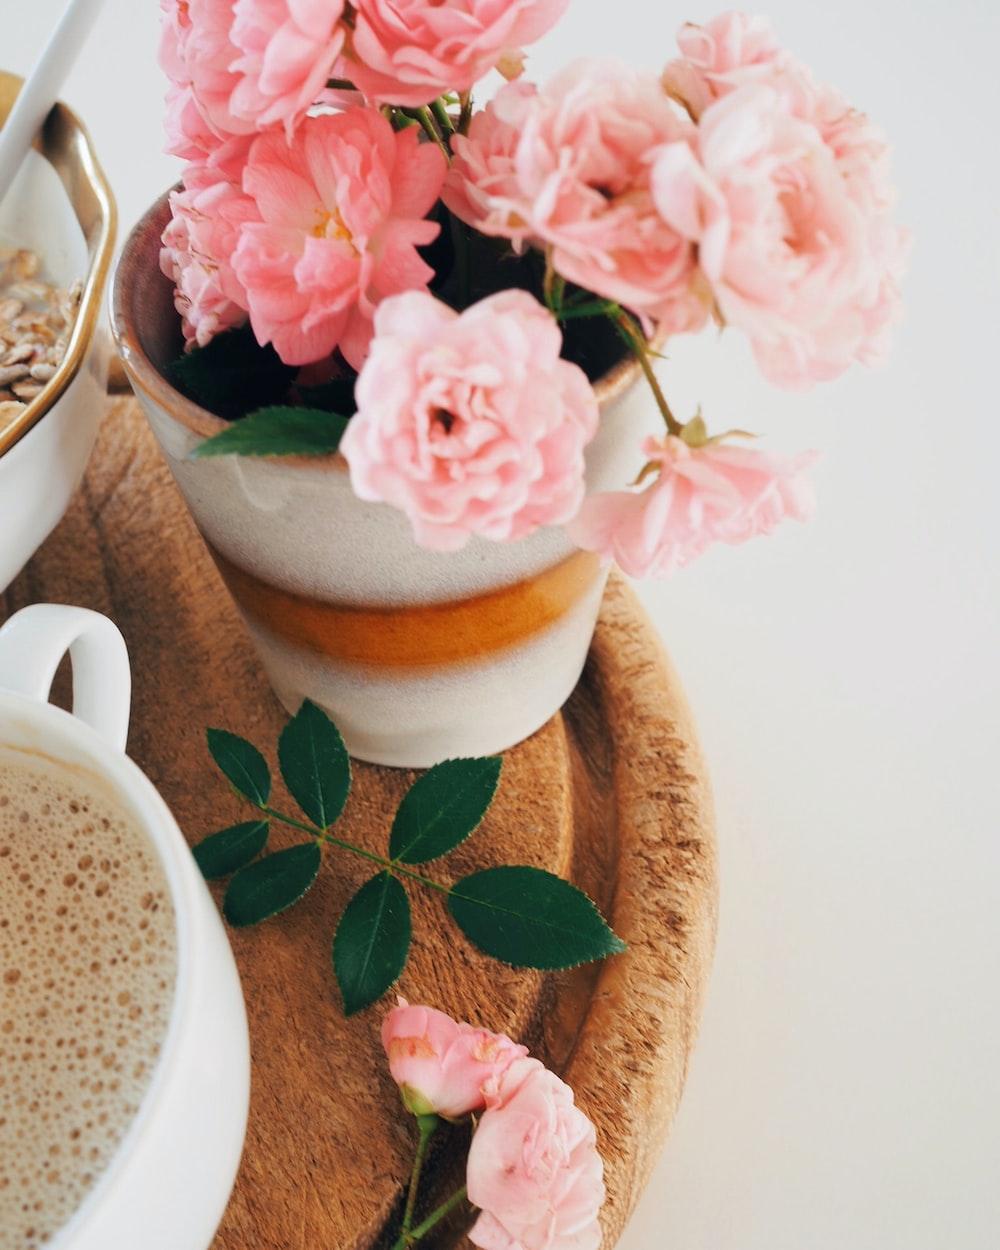 vase of pink petaled flowers